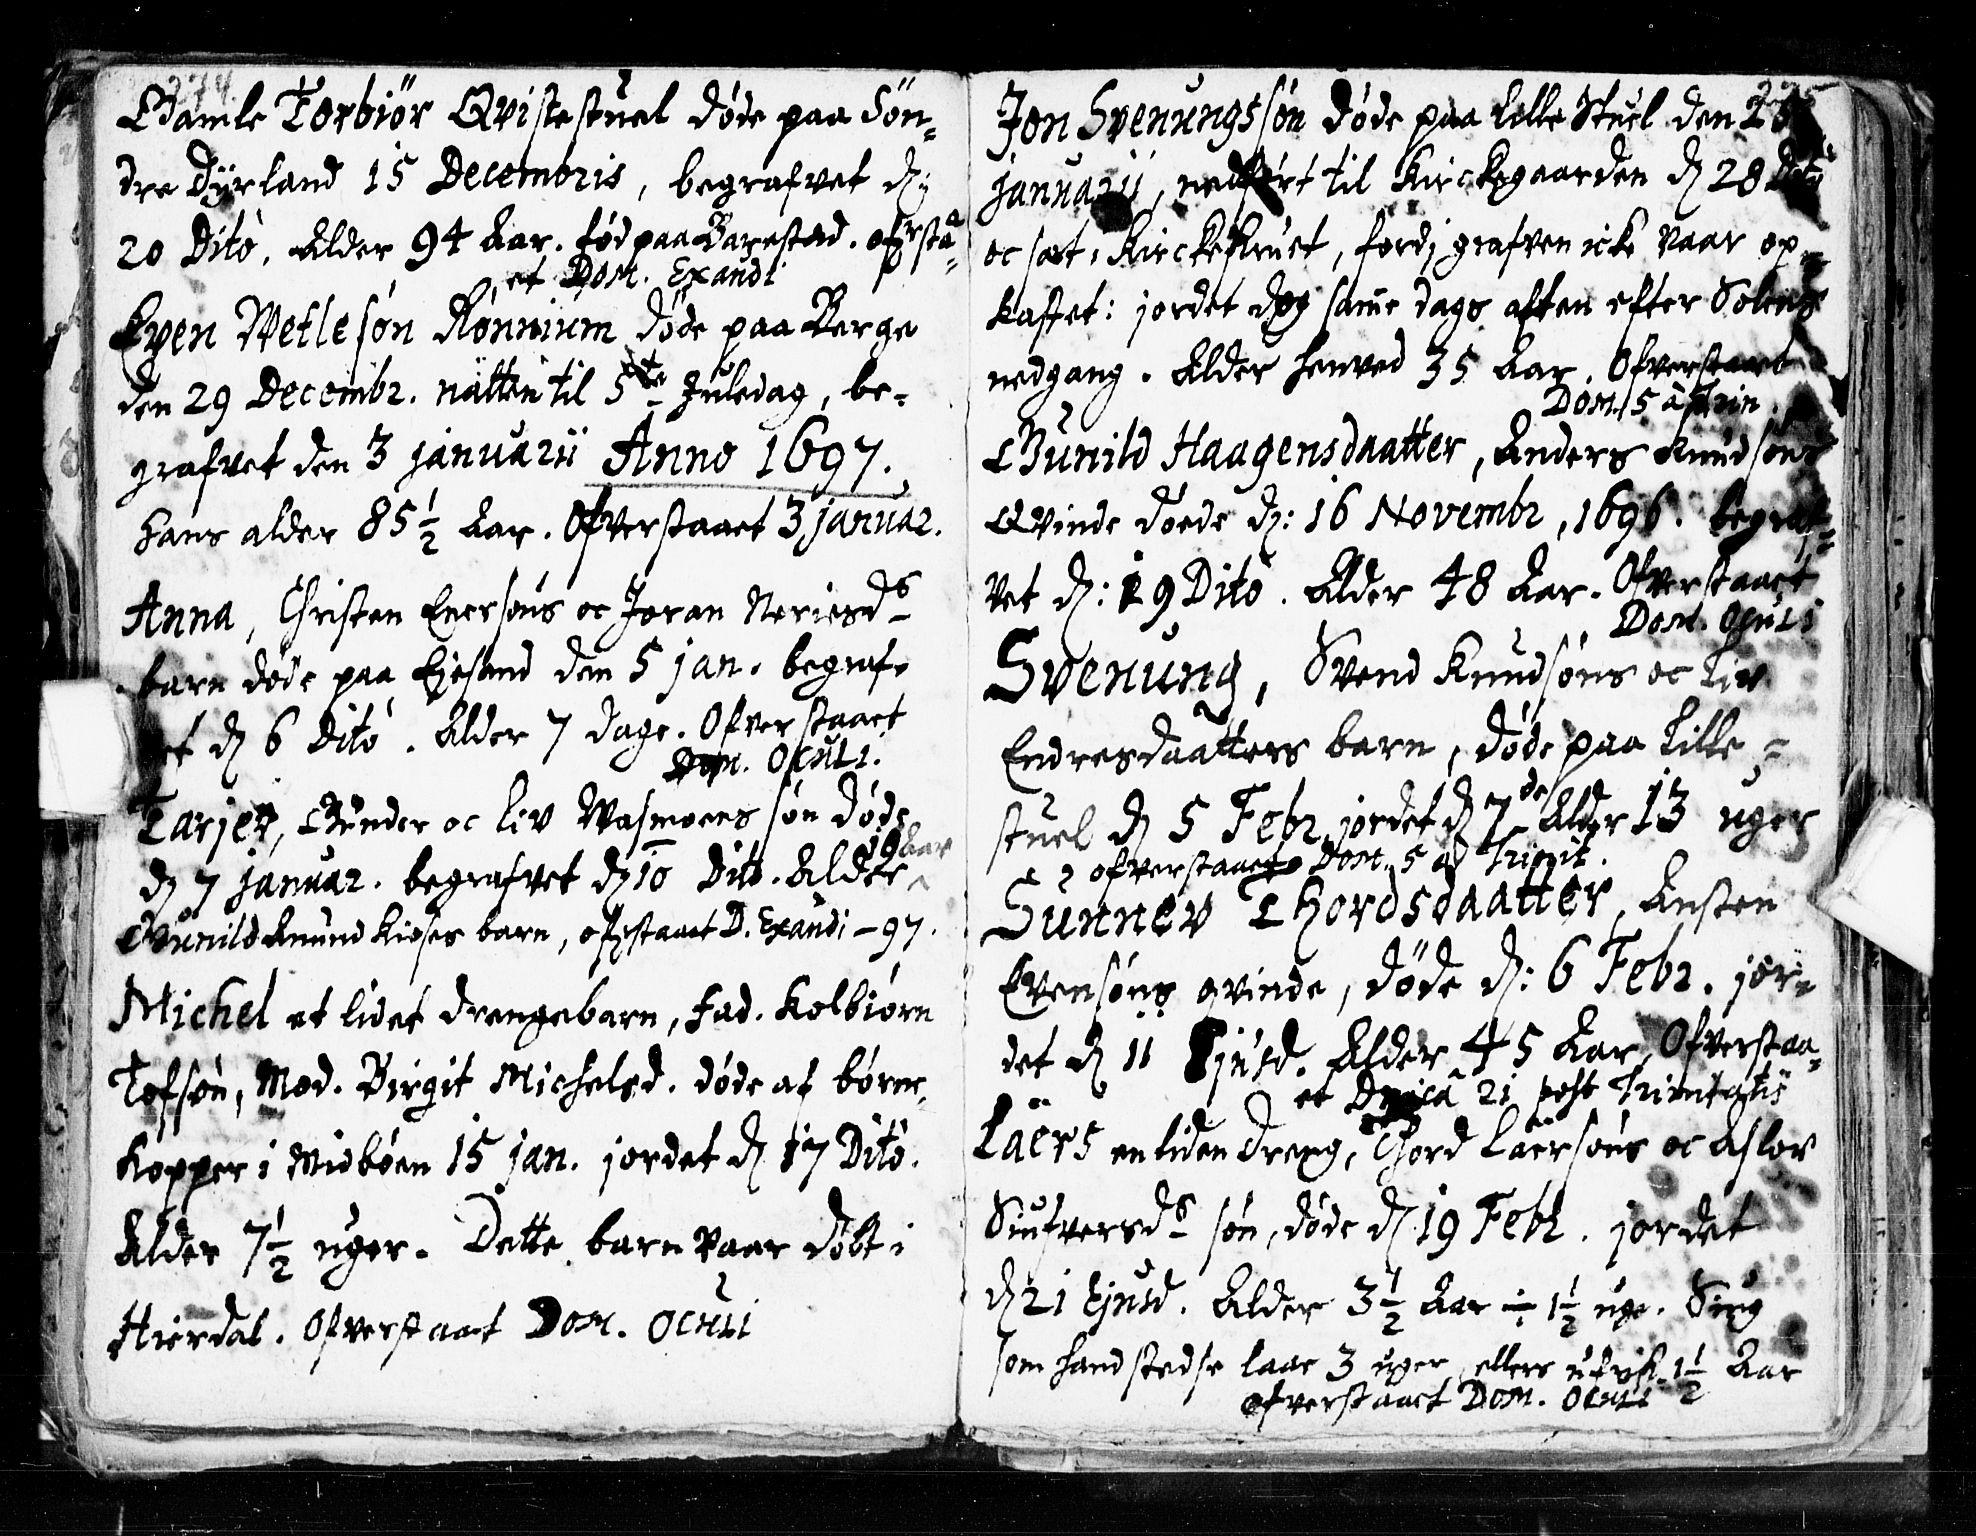 SAKO, Seljord kirkebøker, F/Fa/L0002: Ministerialbok nr. I 2, 1689-1713, s. 274-275